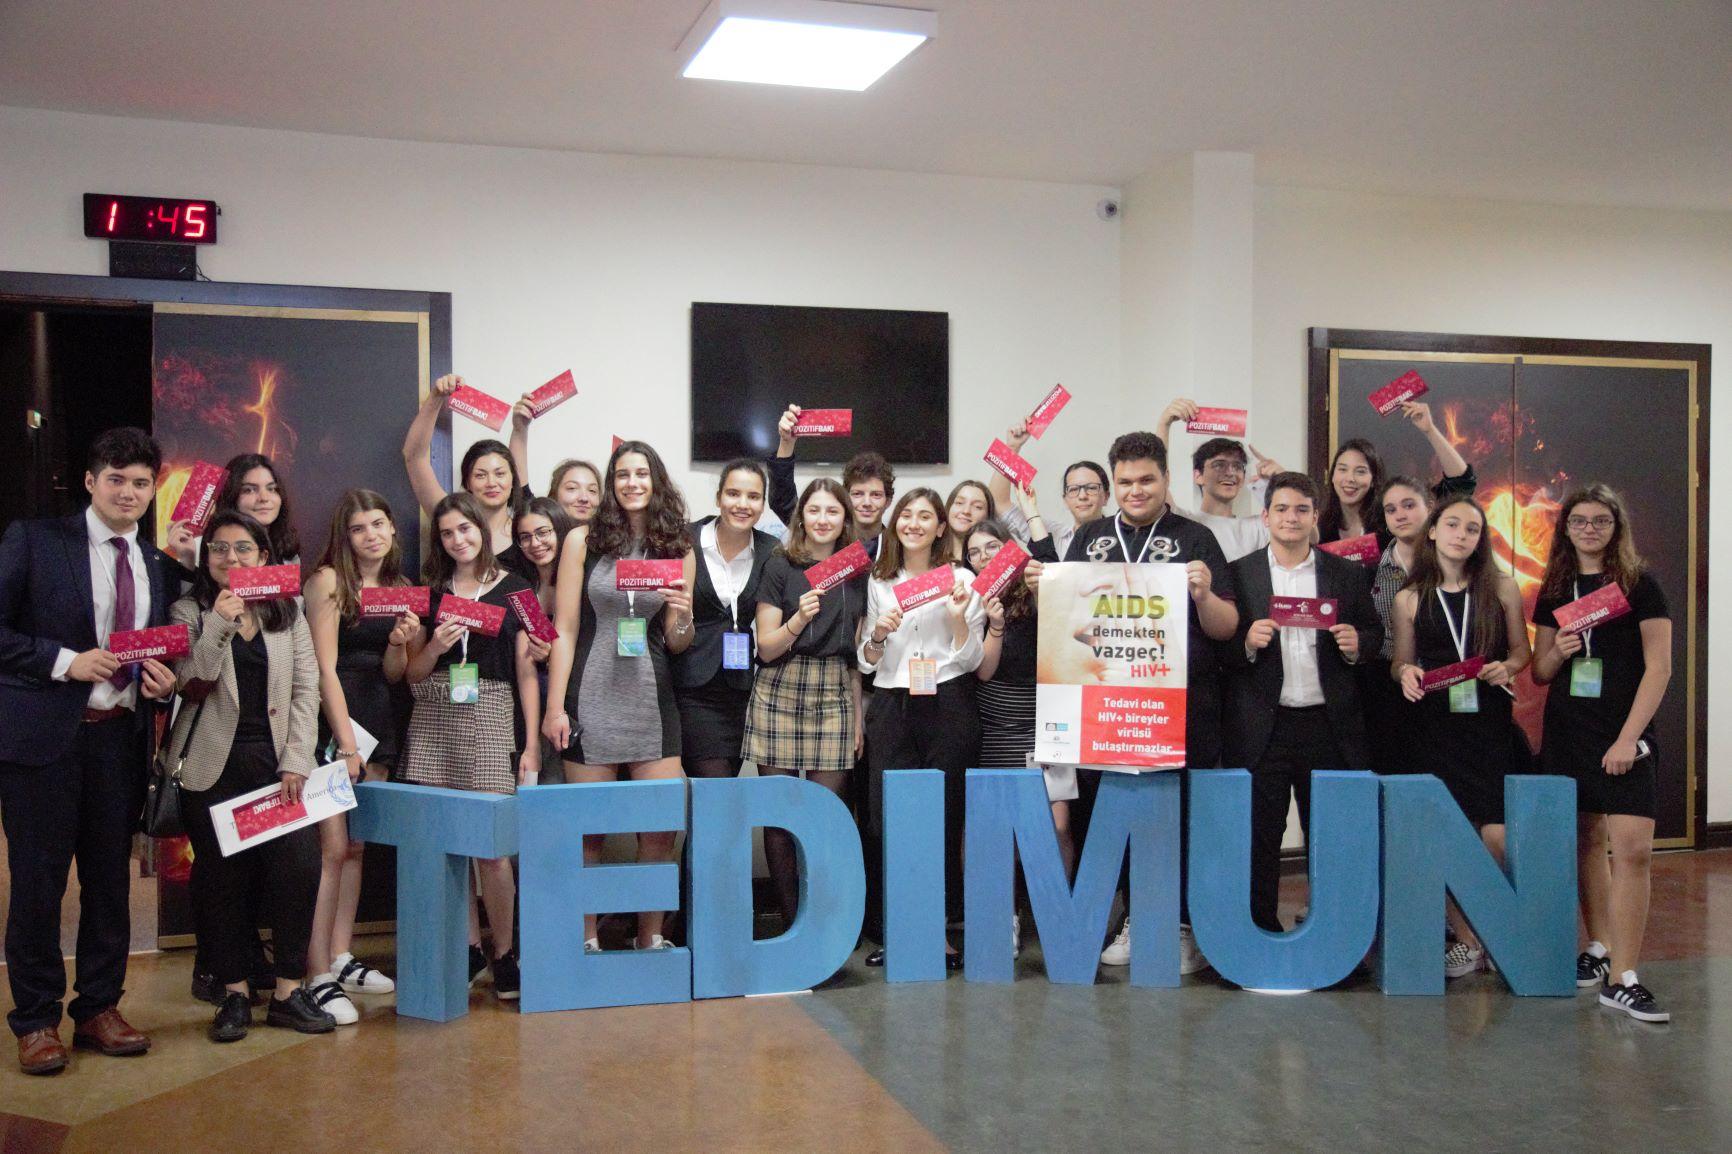 TED İstanbul Koleji Model United Nations HIV Farkındalık Sunumu, 25 Mayıs 2019